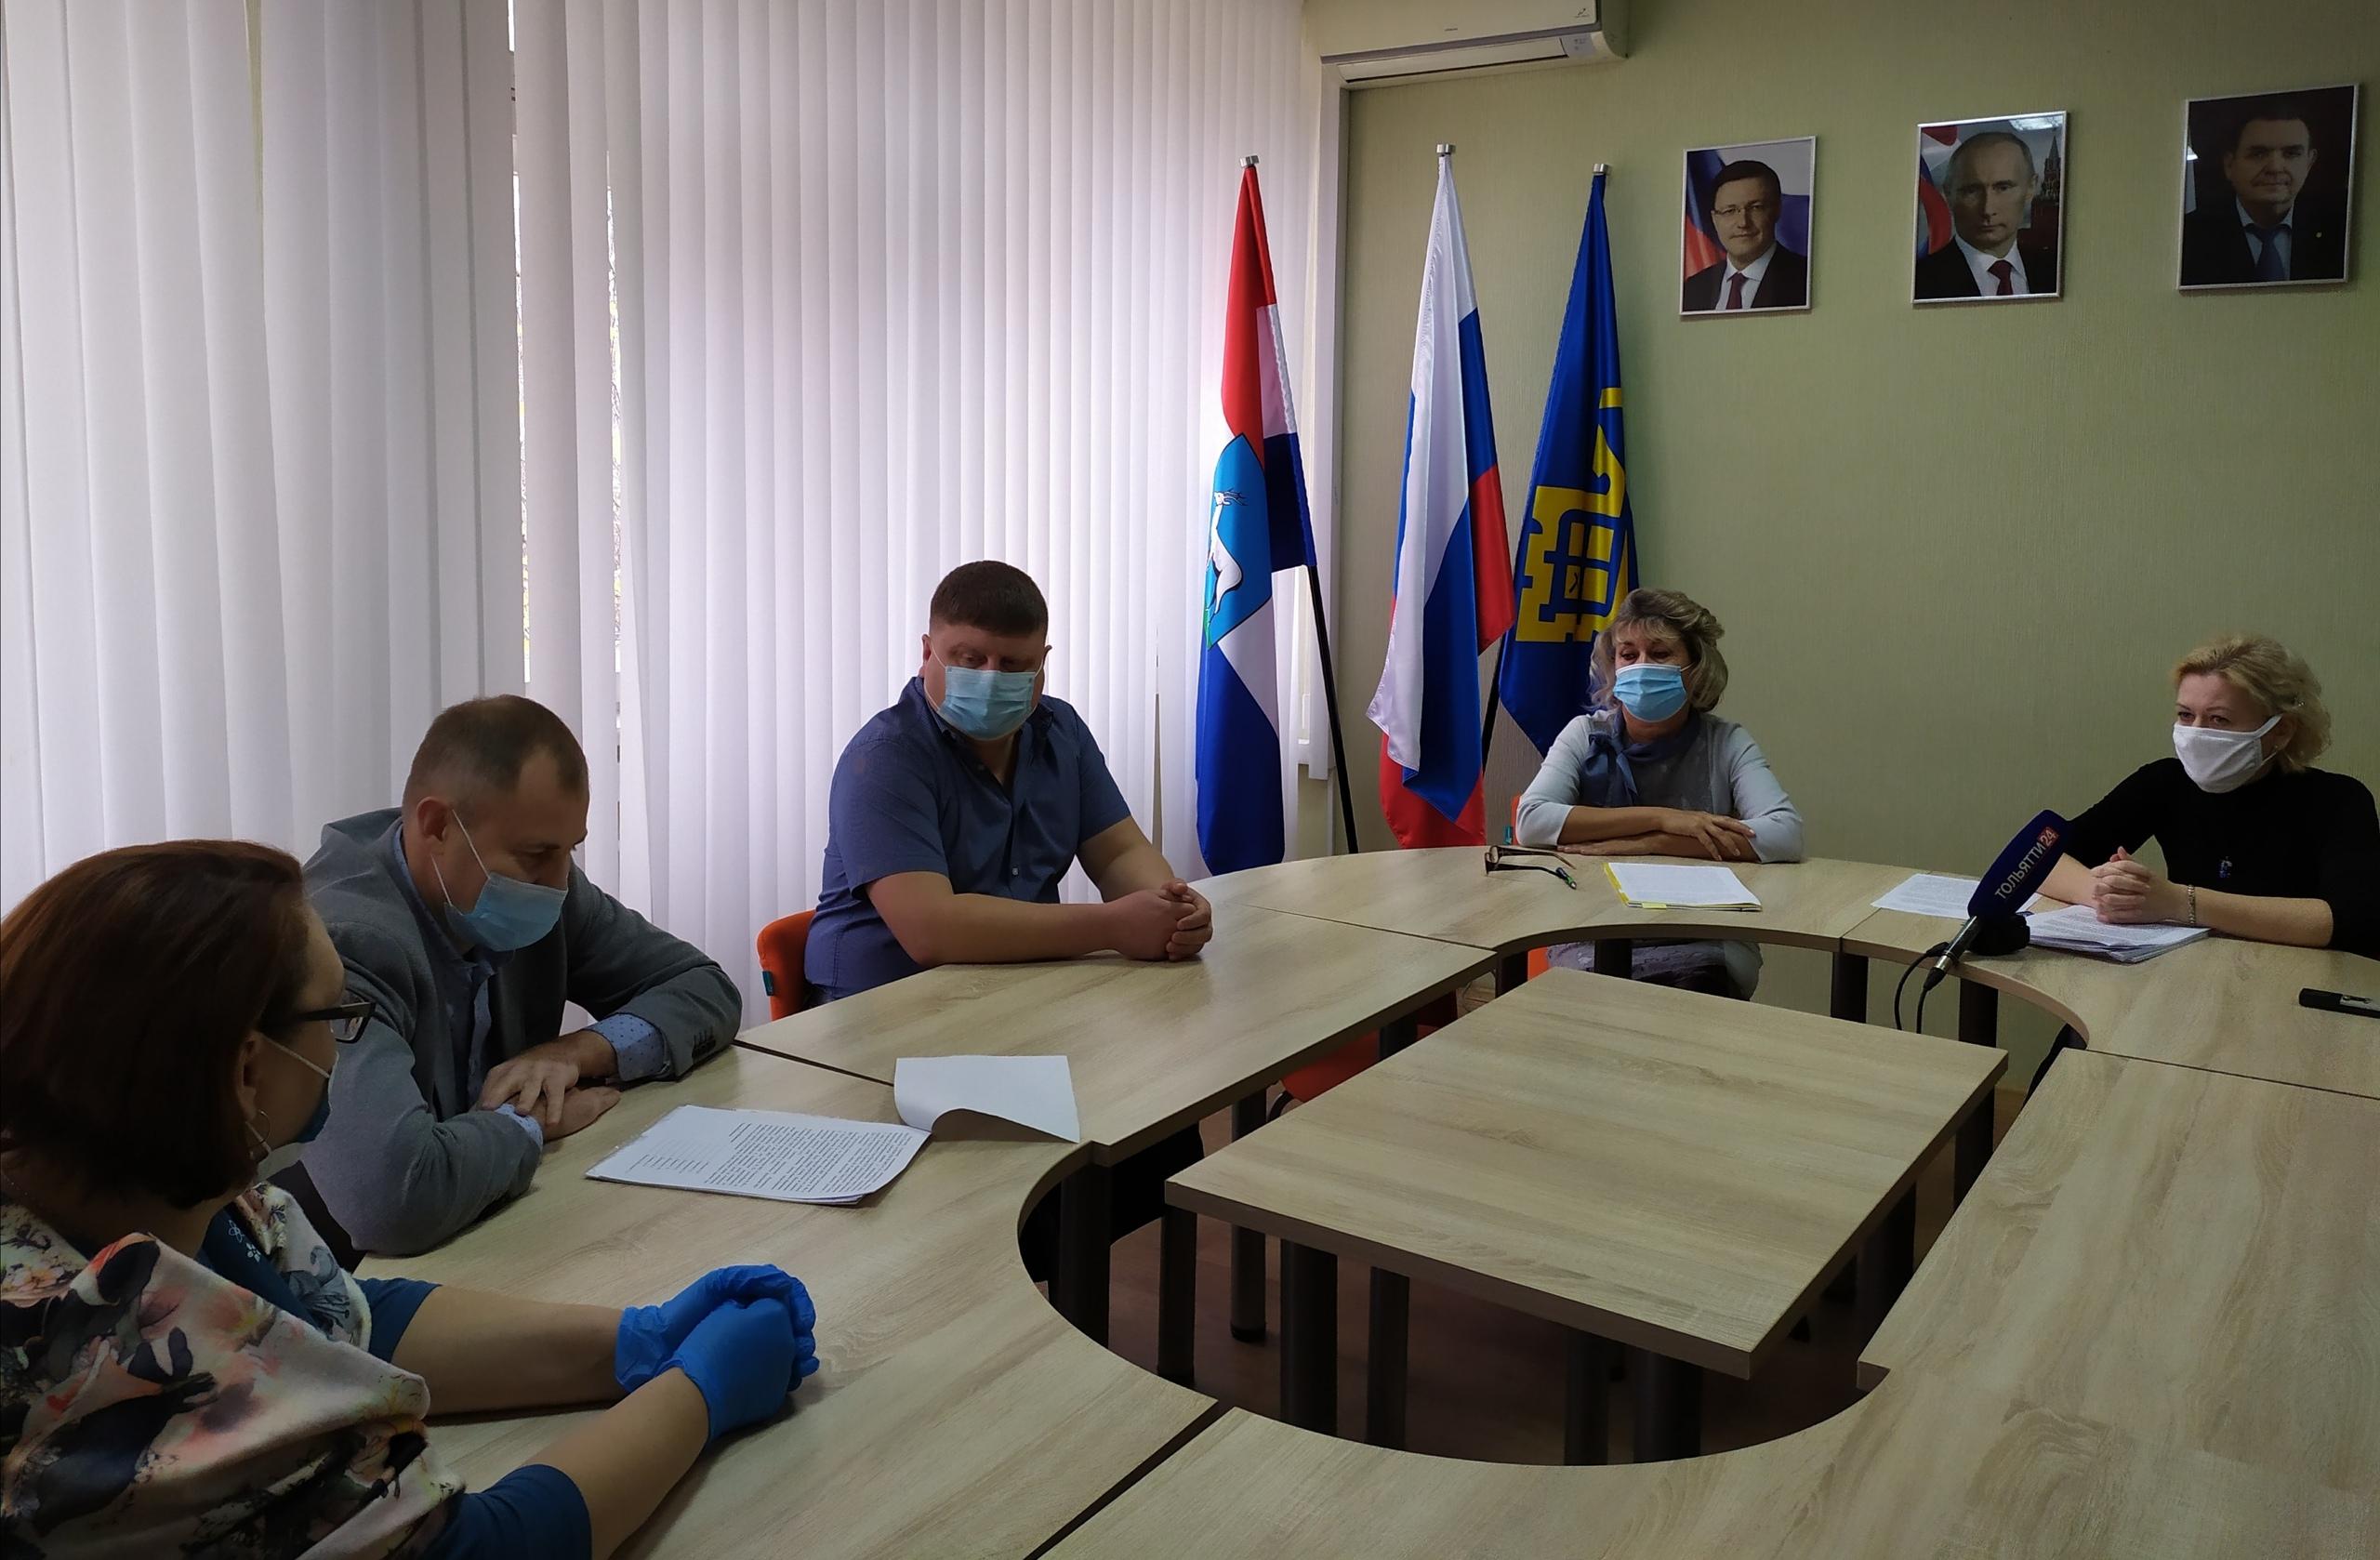 Глава Тольятти утвердил нецелесообразность объединения гимназии № 48 и школы № 43